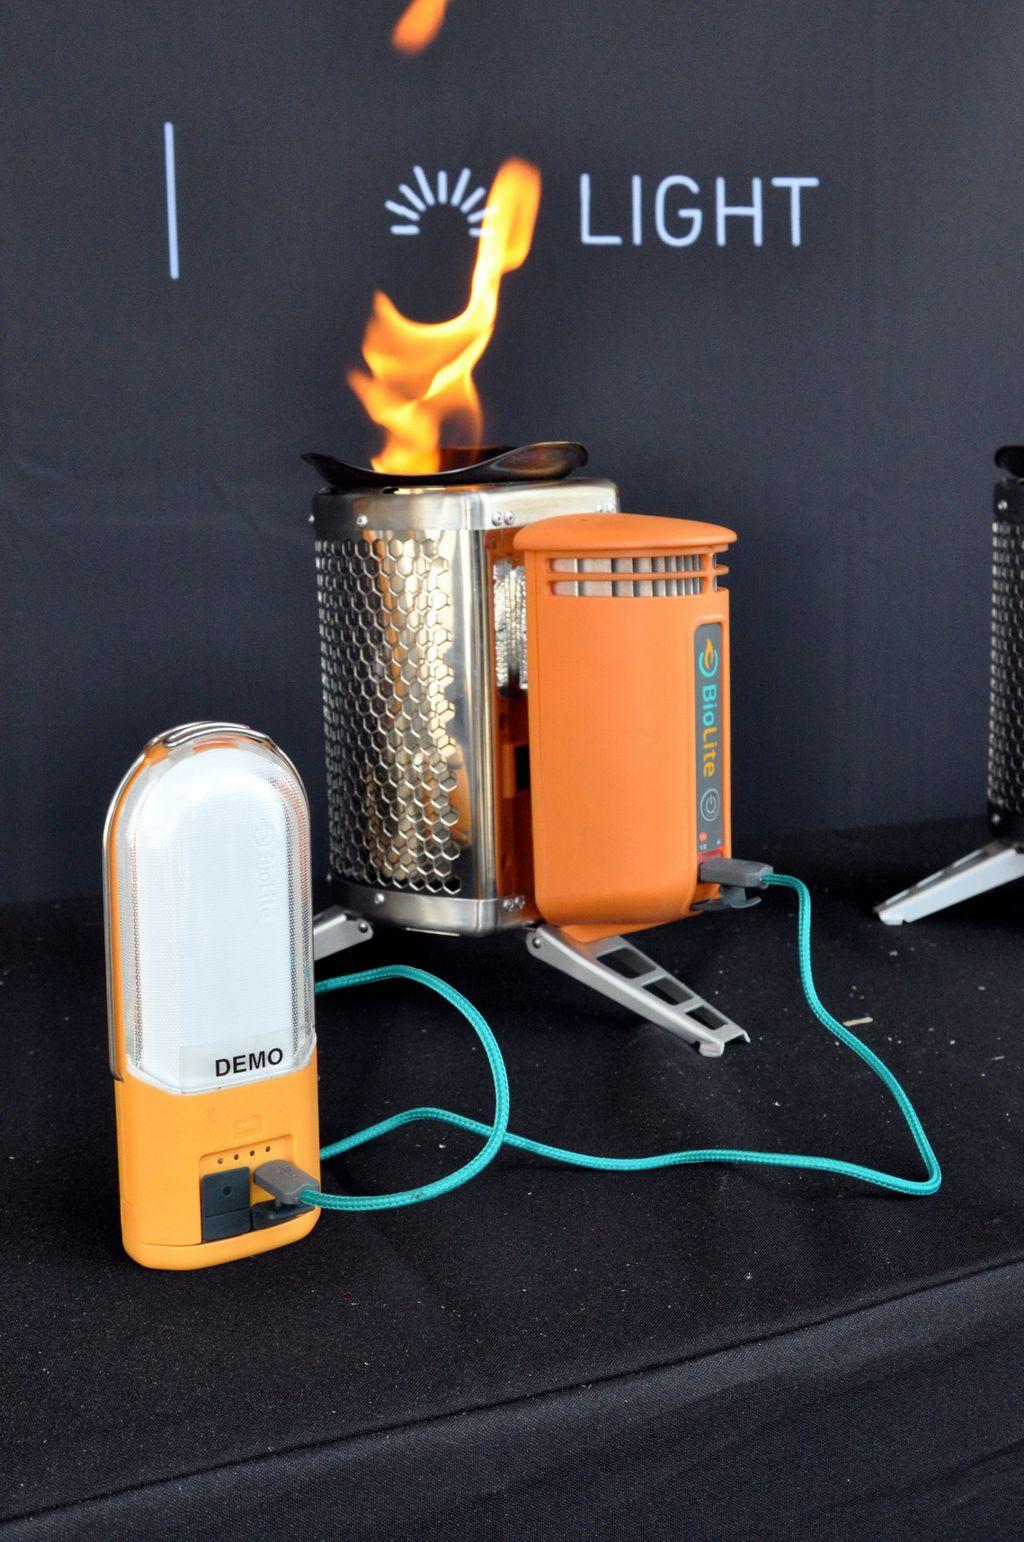 Tűzből nyeri ki az elektromosságot – BioLite Forrás: Paraferee - Mozgásvilág.hu